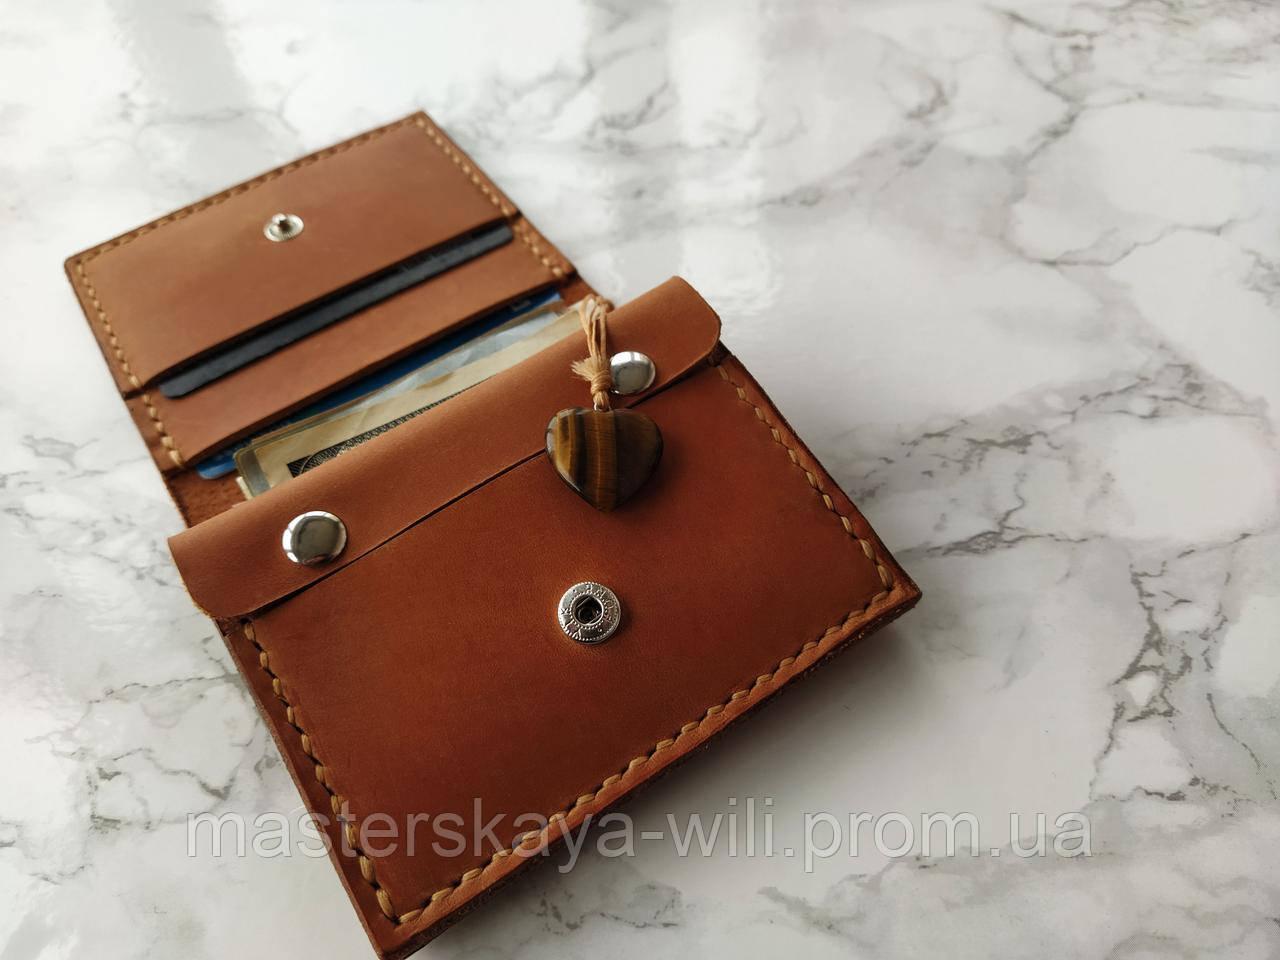 Символ защиты | Кожаный кошелек ручной работы и амулет